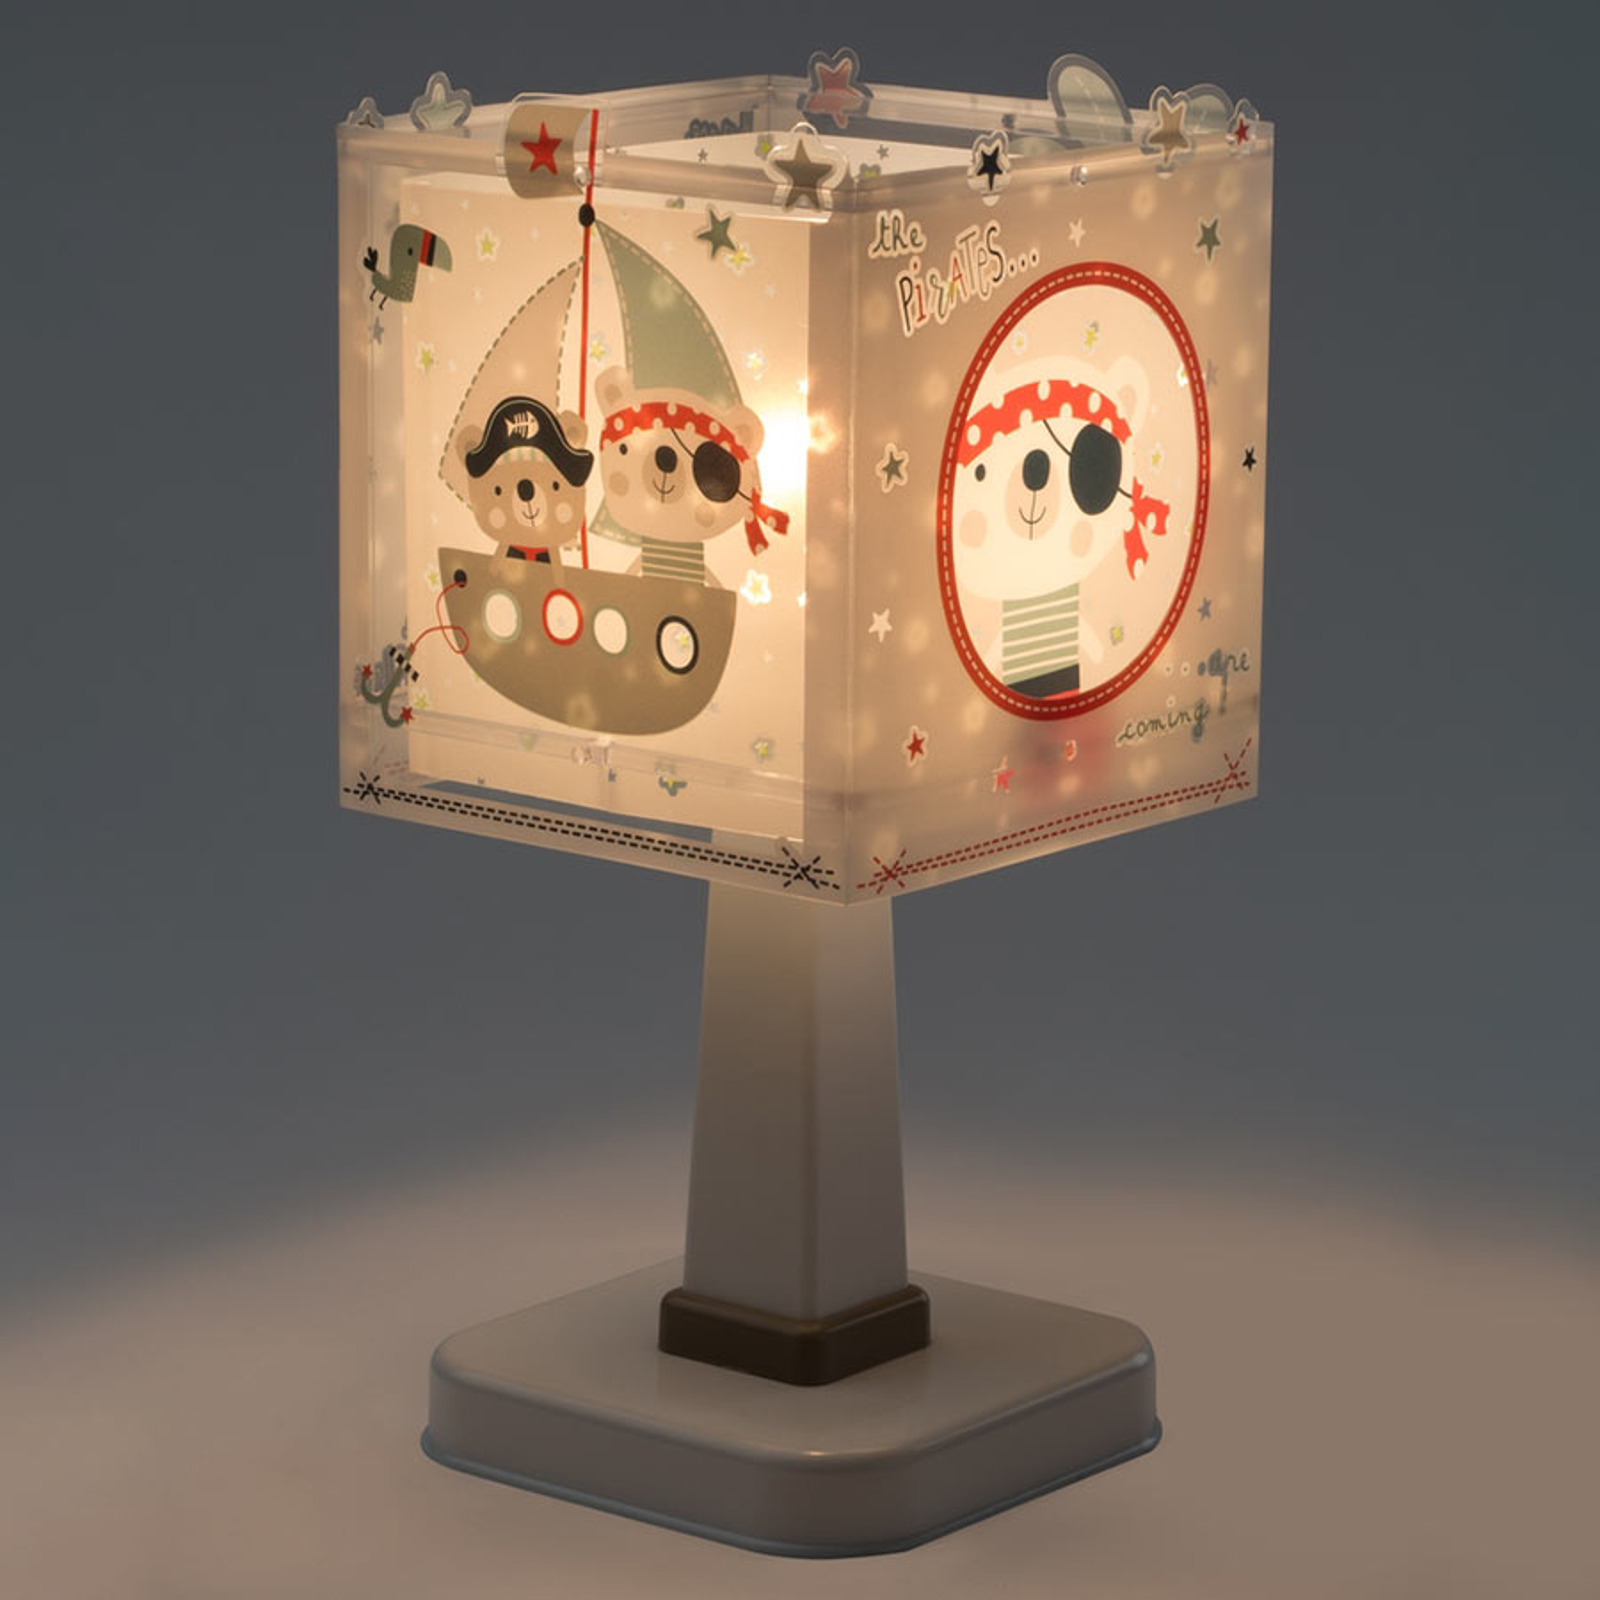 Pirates - eckige Kinderzimmer-Tischlampe